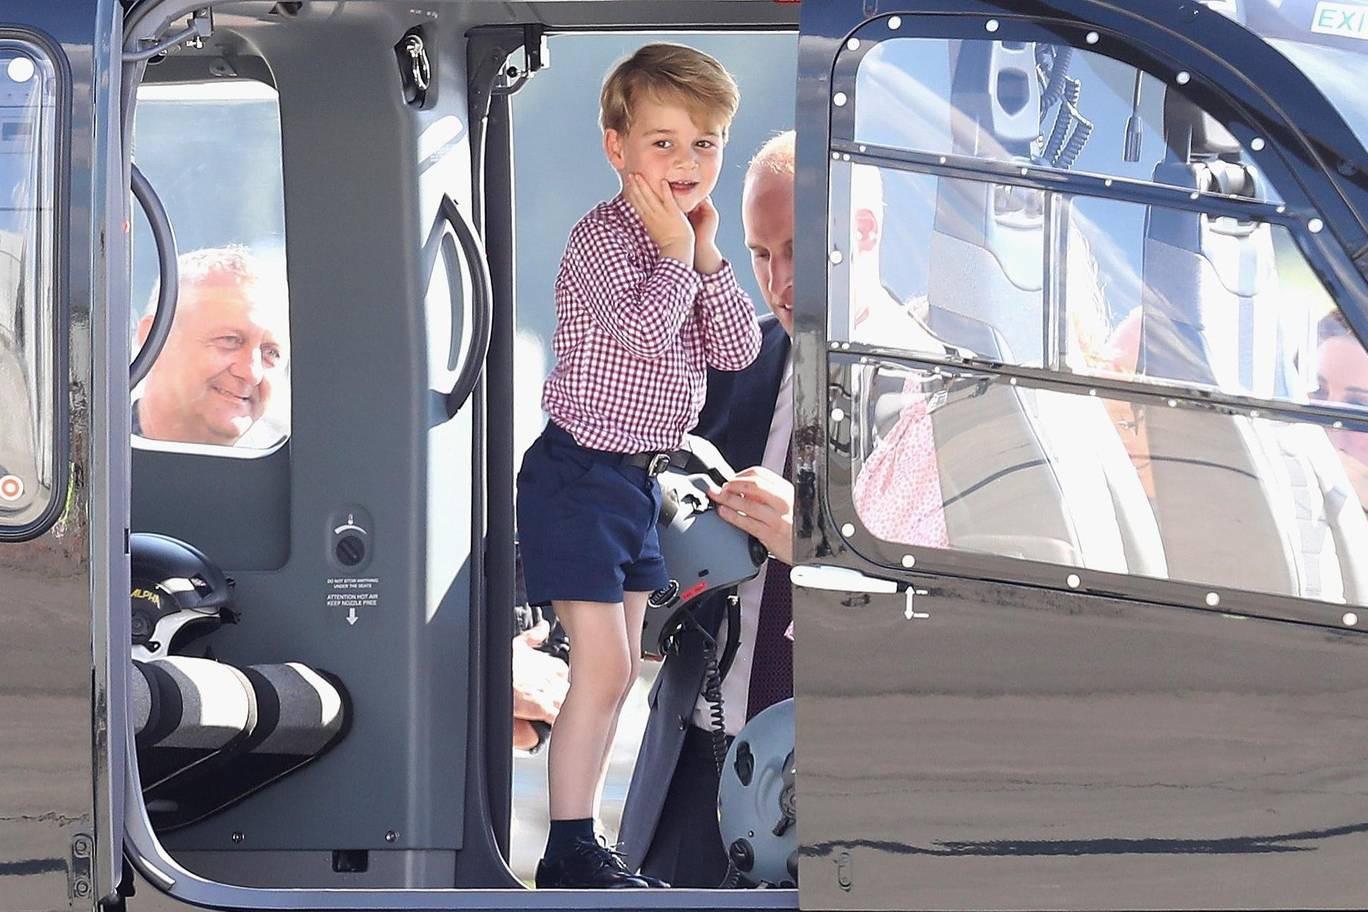 Hơn 40 bức ảnh ghi lại những khoảnh khắc cực đáng yêu cho thấy hành trình lớn lên của Hoàng tử George trong 5 năm đầu đời - Ảnh 29.